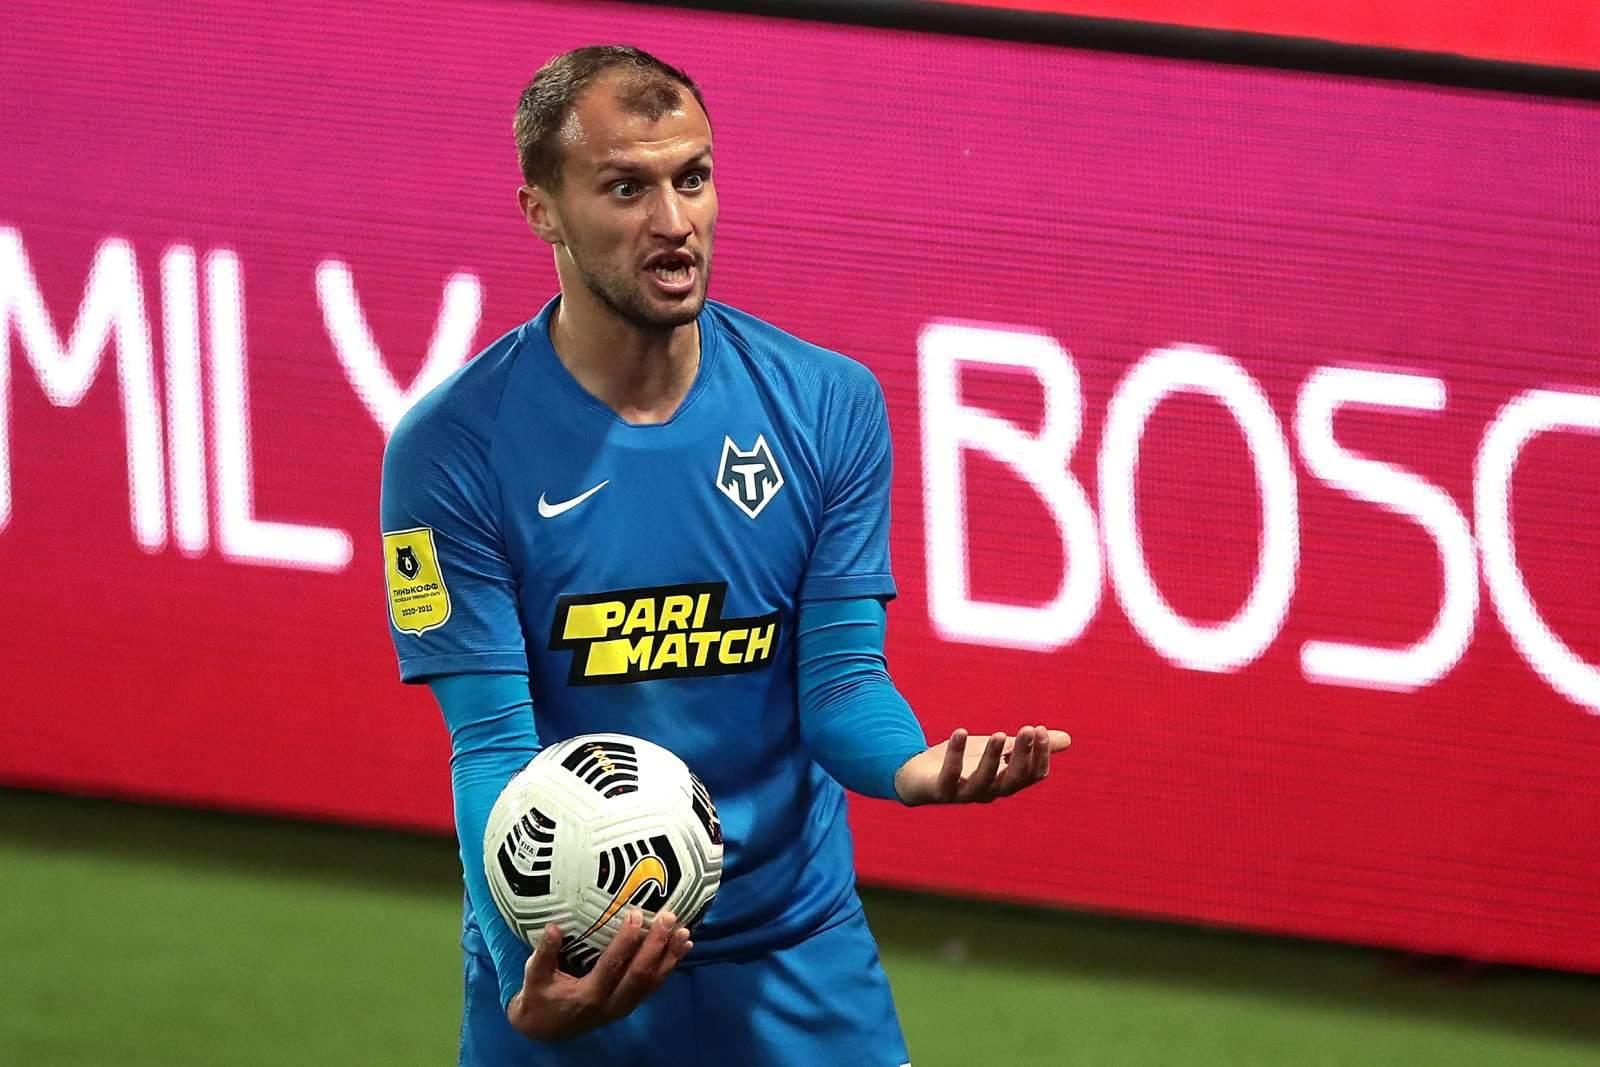 Шляков перешёл из «Тамбова» в румынский клуб